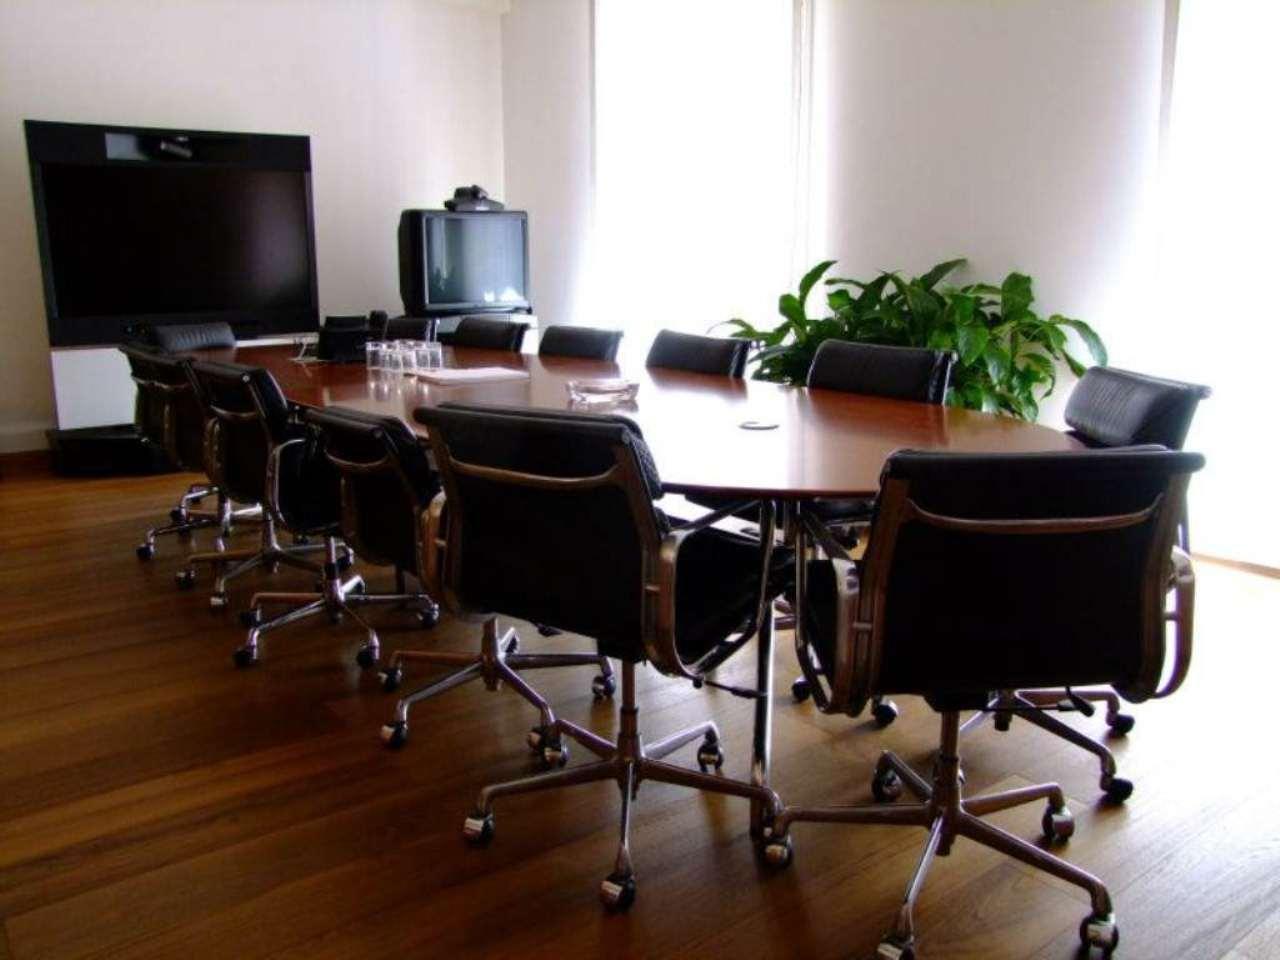 Ufficio / Studio in affitto a Milano, 2 locali, zona Zona: 1 . Centro Storico, Duomo, Brera, Cadorna, Cattolica, prezzo € 4.600 | Cambio Casa.it